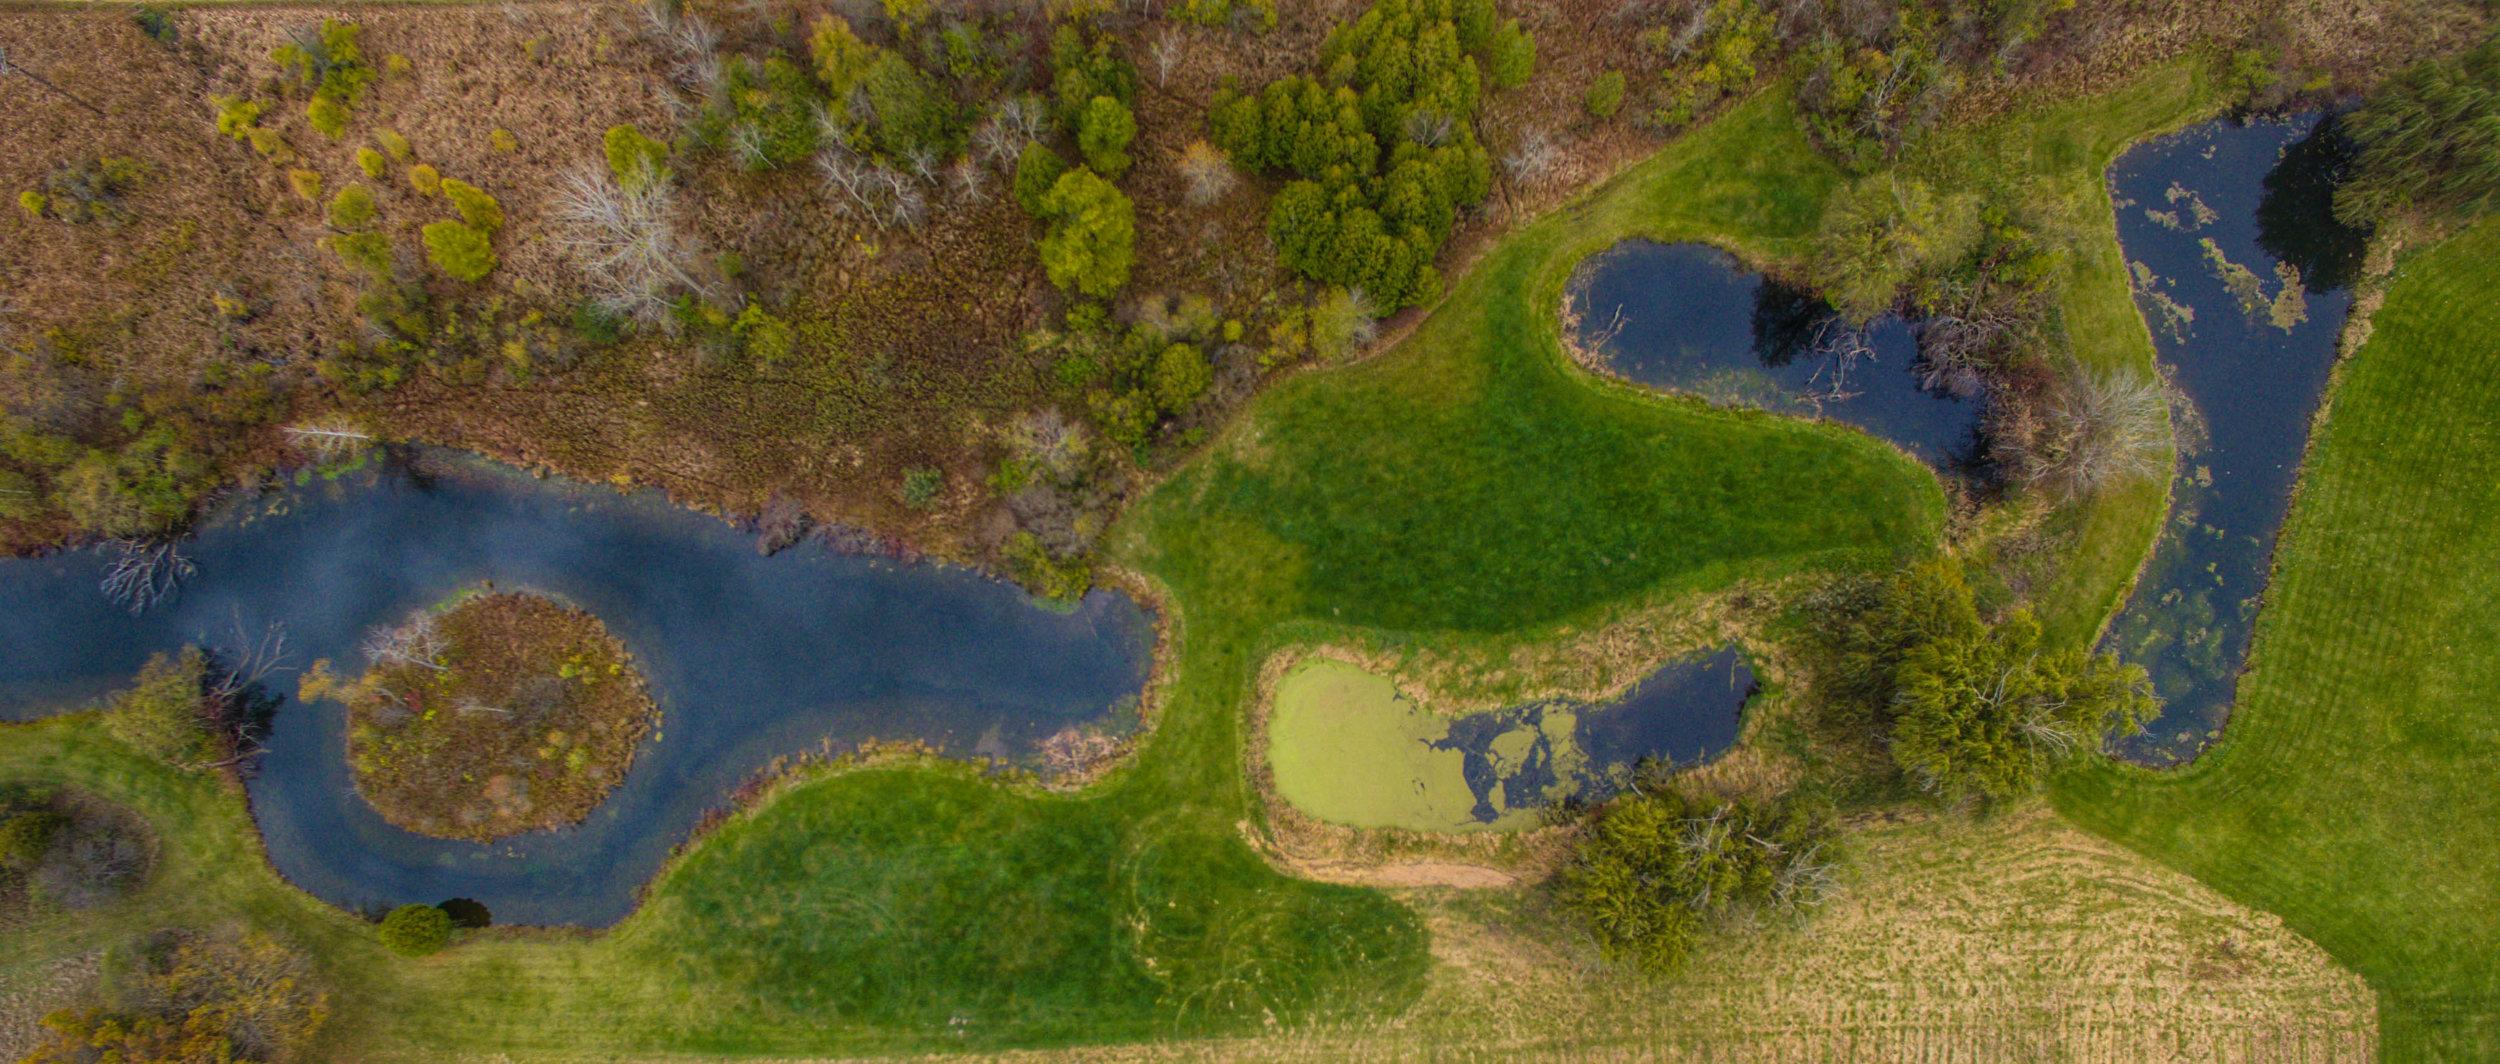 HuntersCreek_Aerial-3.jpg